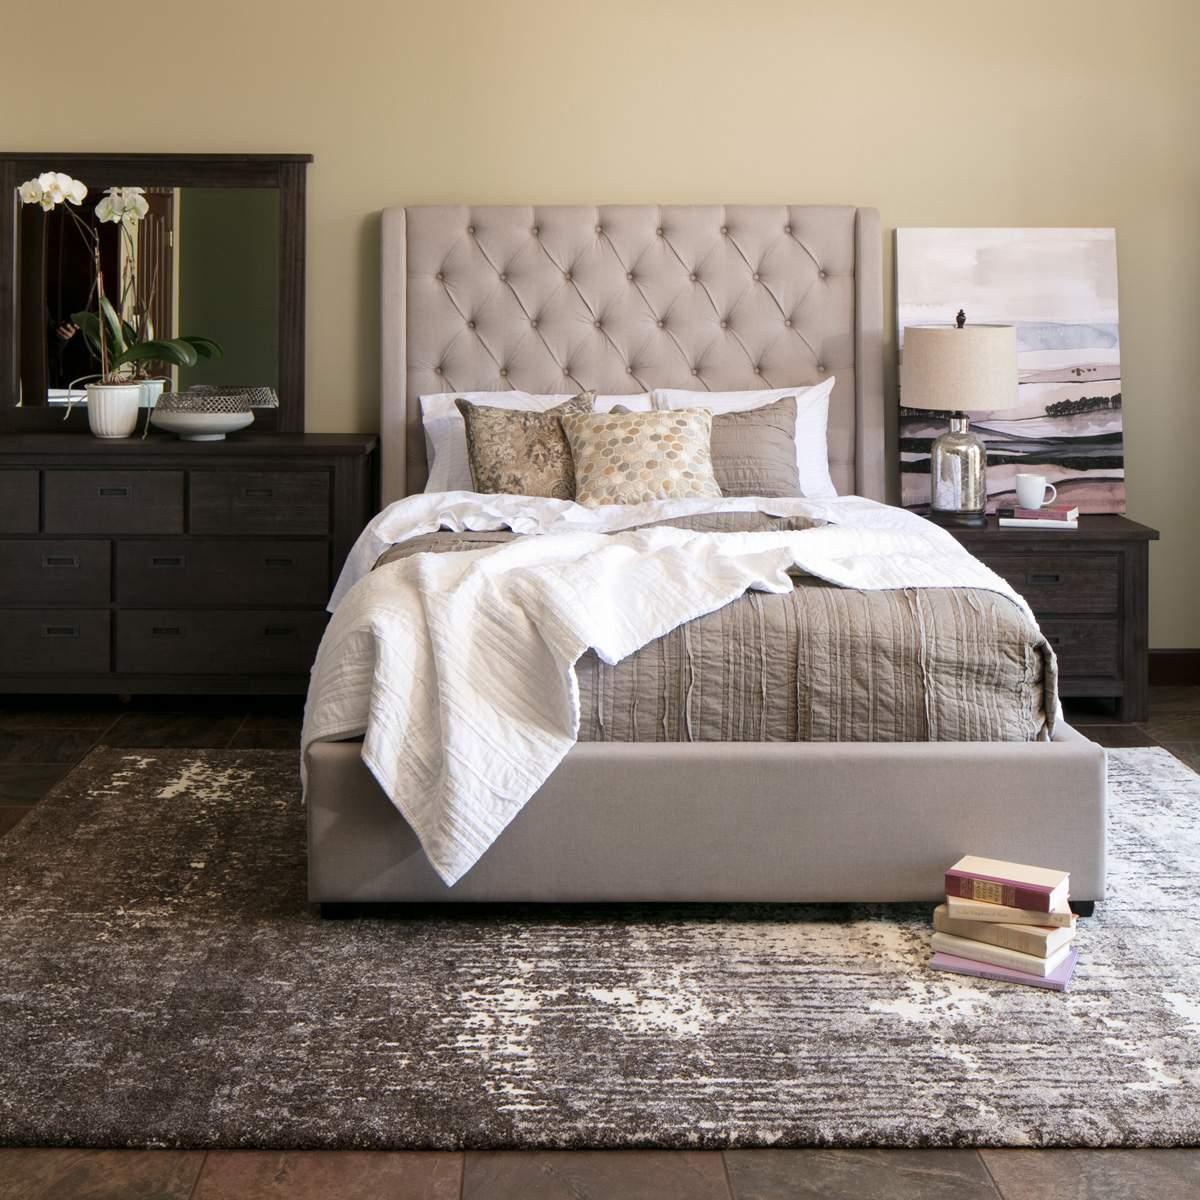 Bedroom Furniture For Teenager Boy: Furniture Ideal